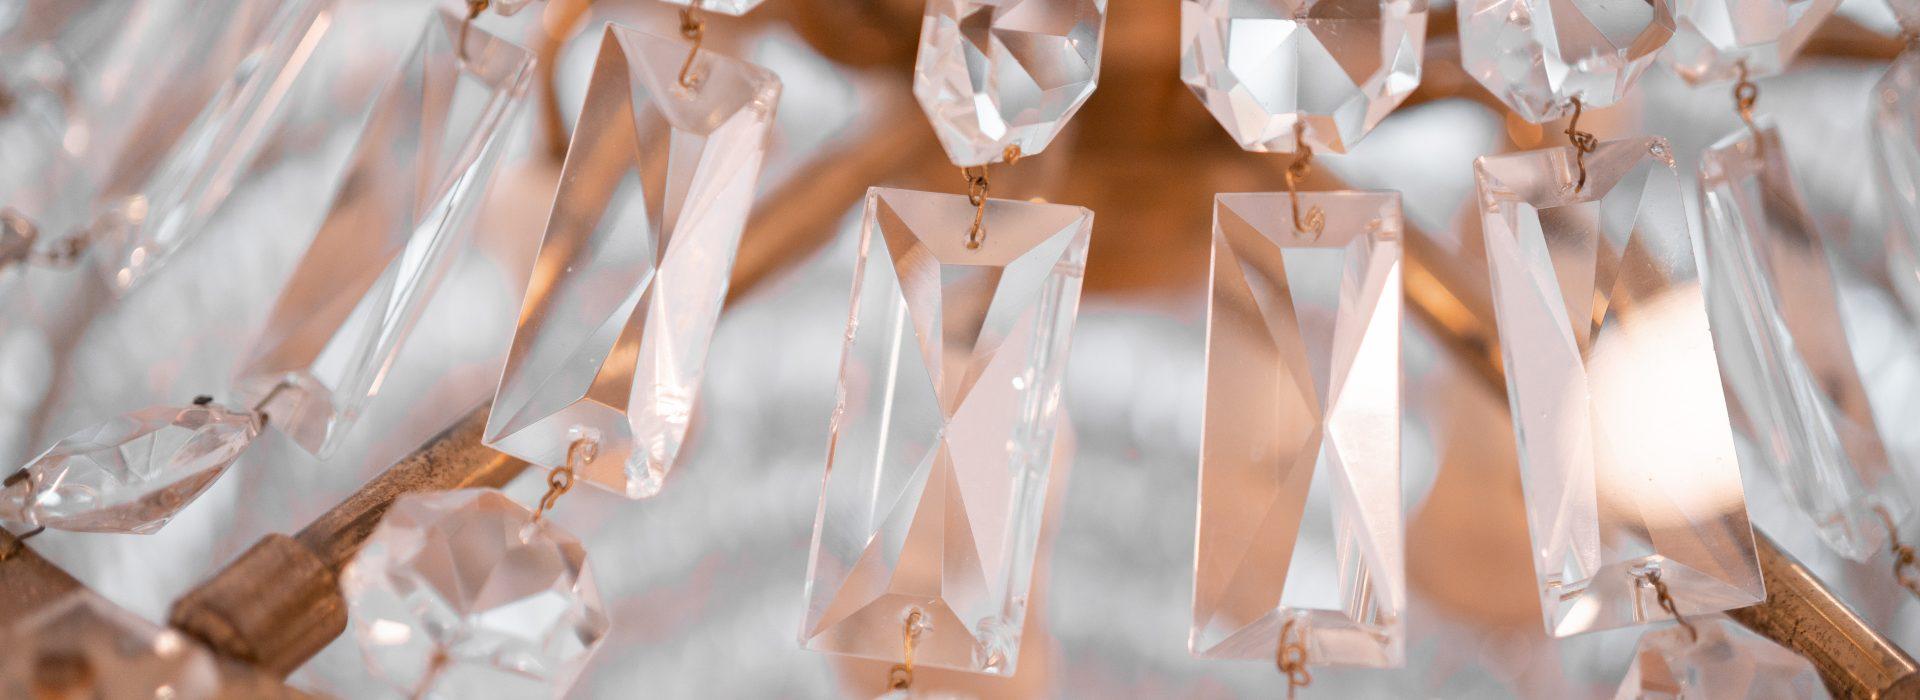 brosche glitzer schuhe kristallglas qualität